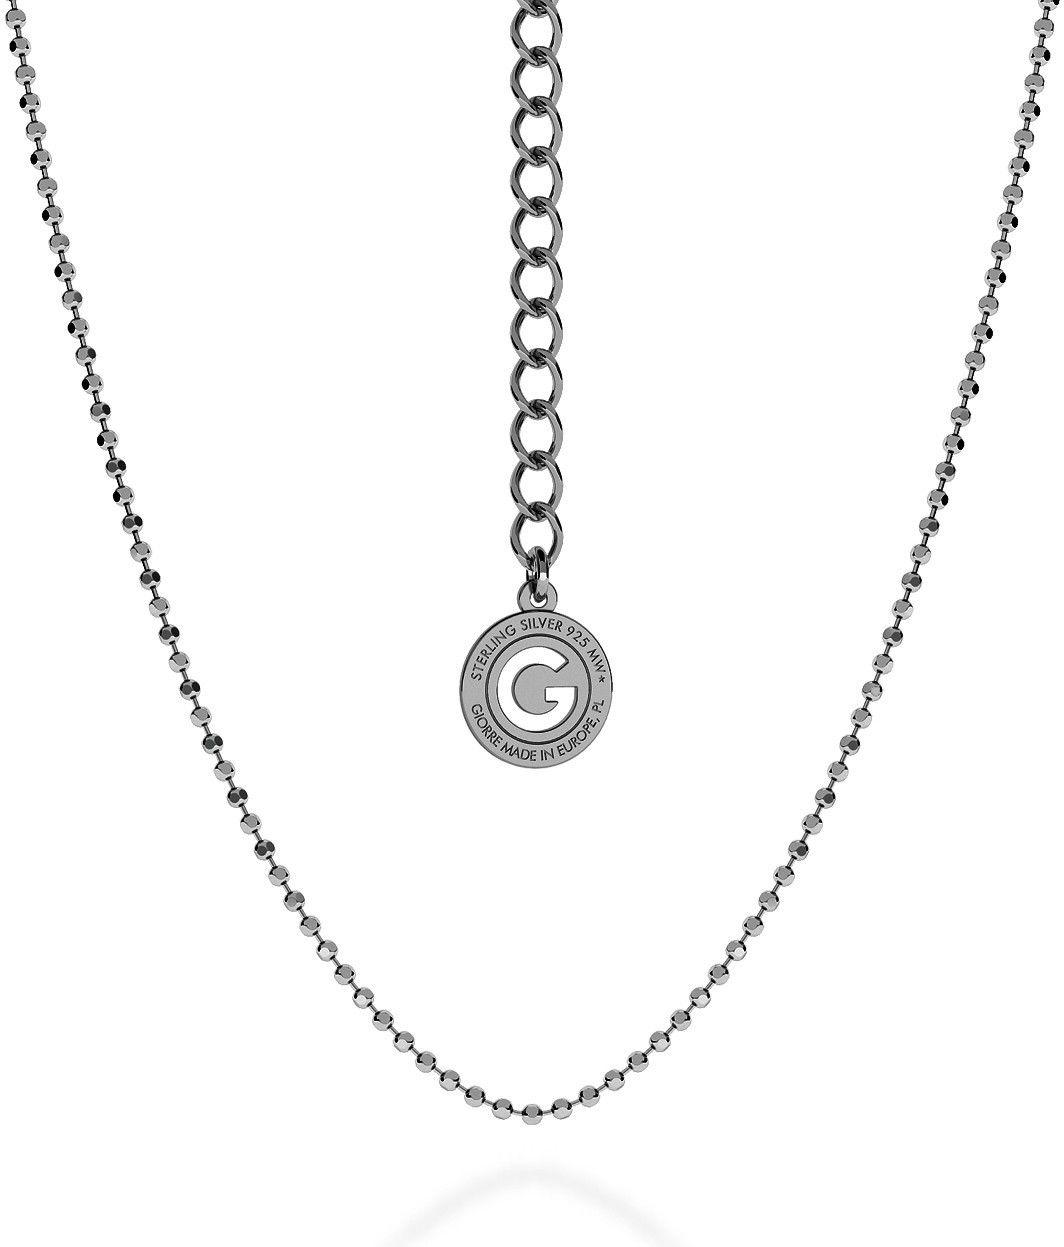 Srebrny łańcuszek z kulek, srebro 925 : Długość (cm) - 55 + 5, Srebro - kolor pokrycia - Pokrycie żółtym 18K złotem